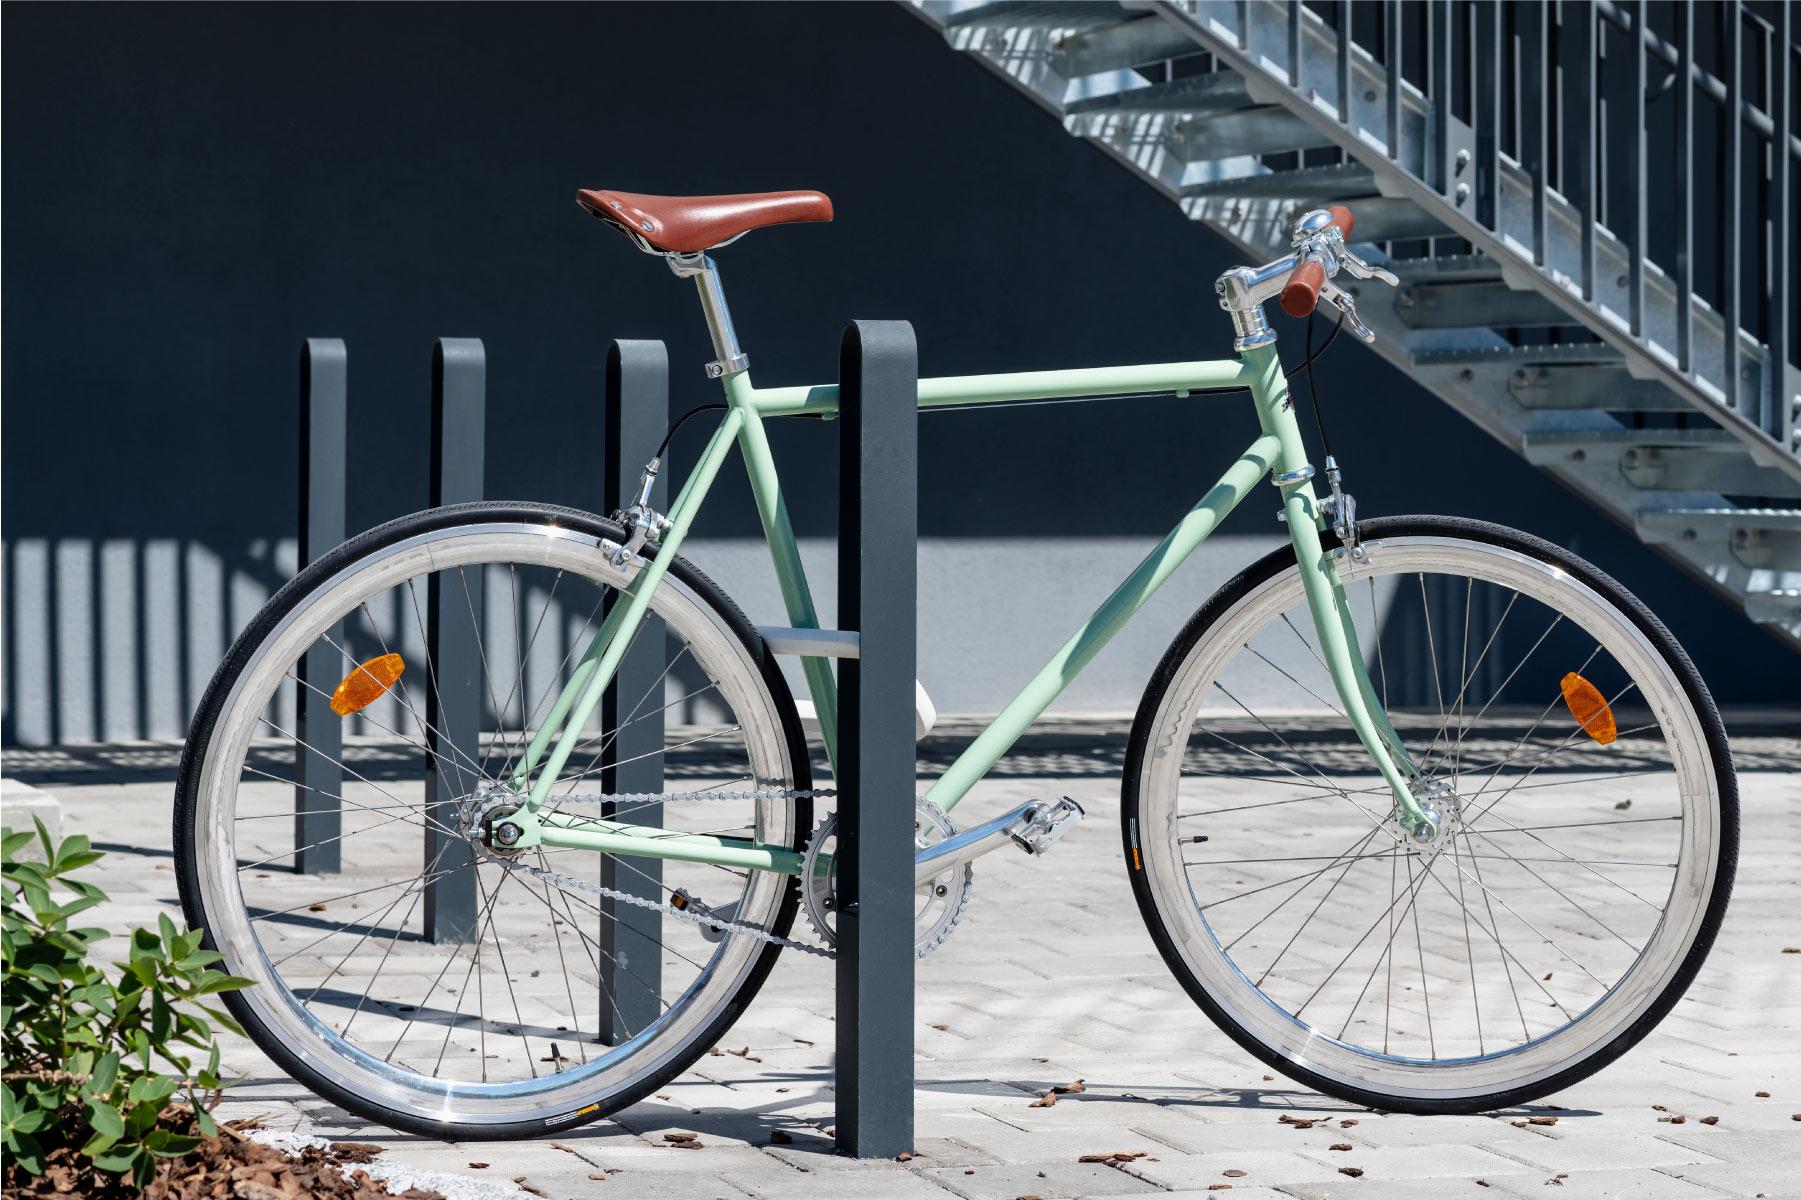 Fyra cykelpollare LUX för offentlig miljö där det vid en av pollarna står en grön cykel